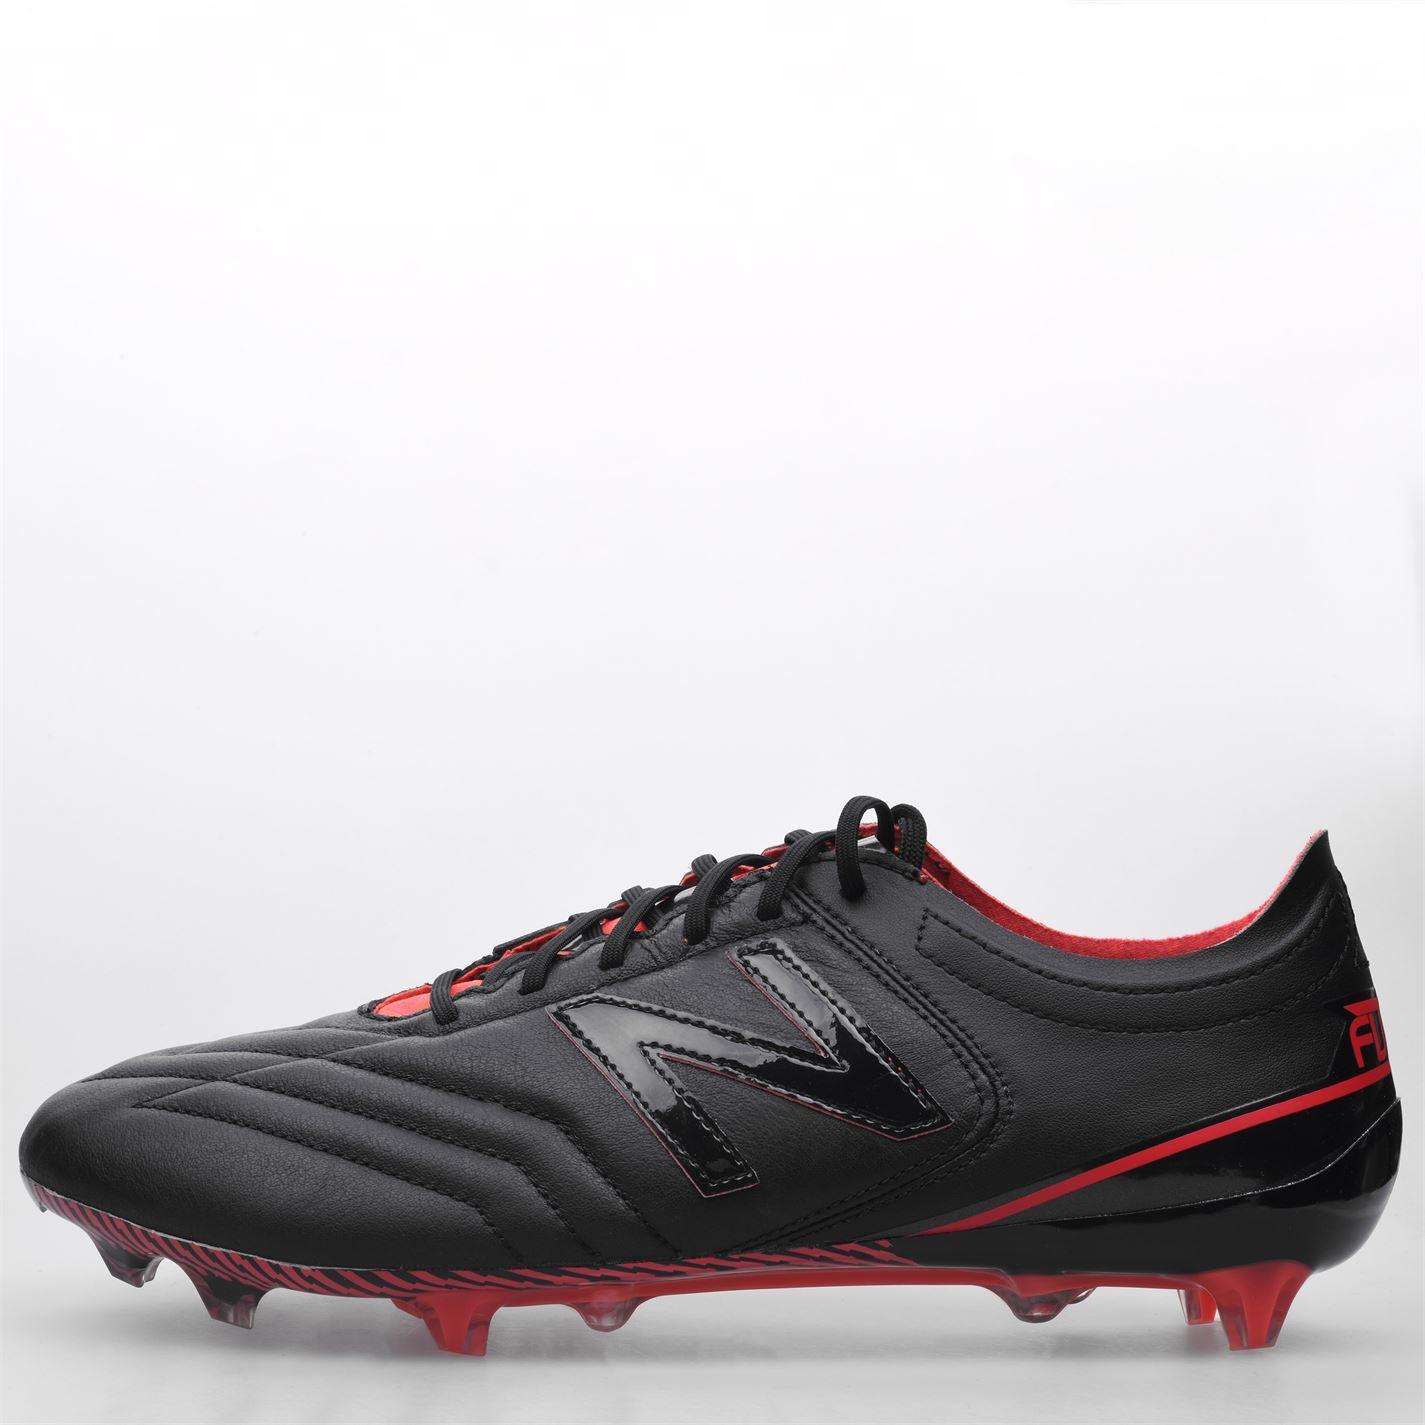 miniature 6 - New-Balance-Furon-3-0-K-cuir-homme-FG-Firm-Ground-Chaussures-De-Football-Soccer-Crampons